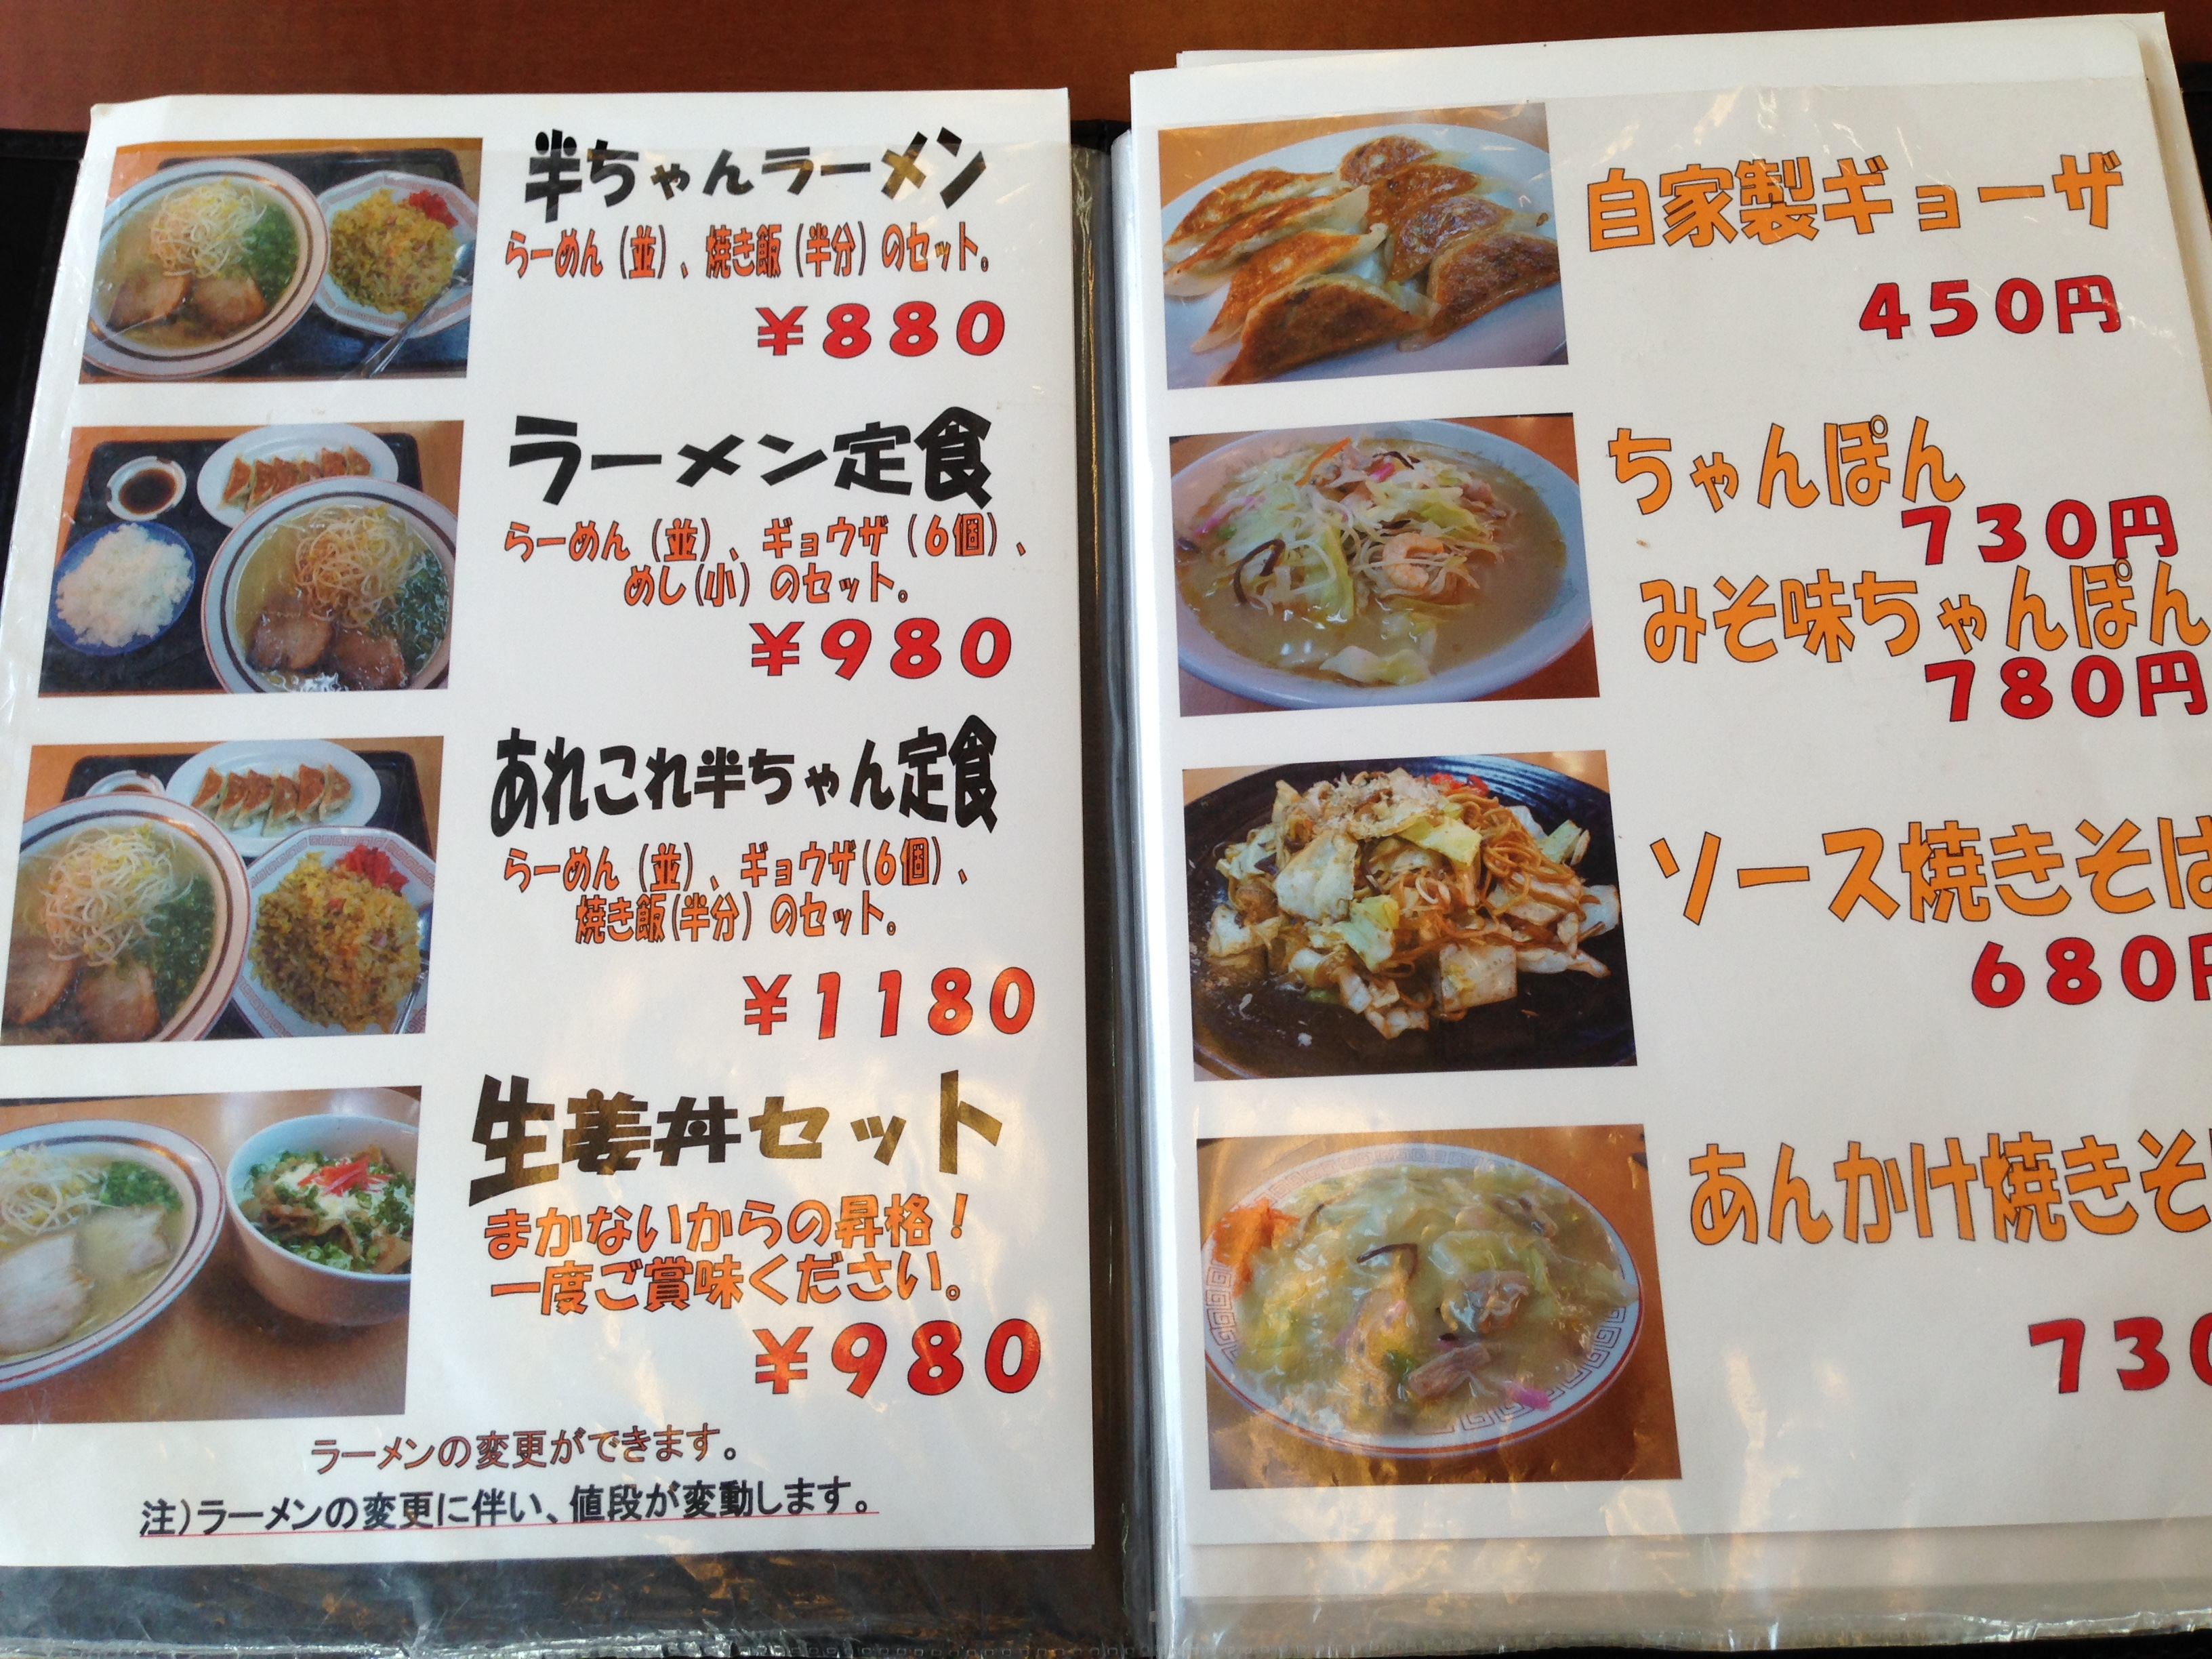 スミちゃんラーメン萩の茶屋店のメニュー